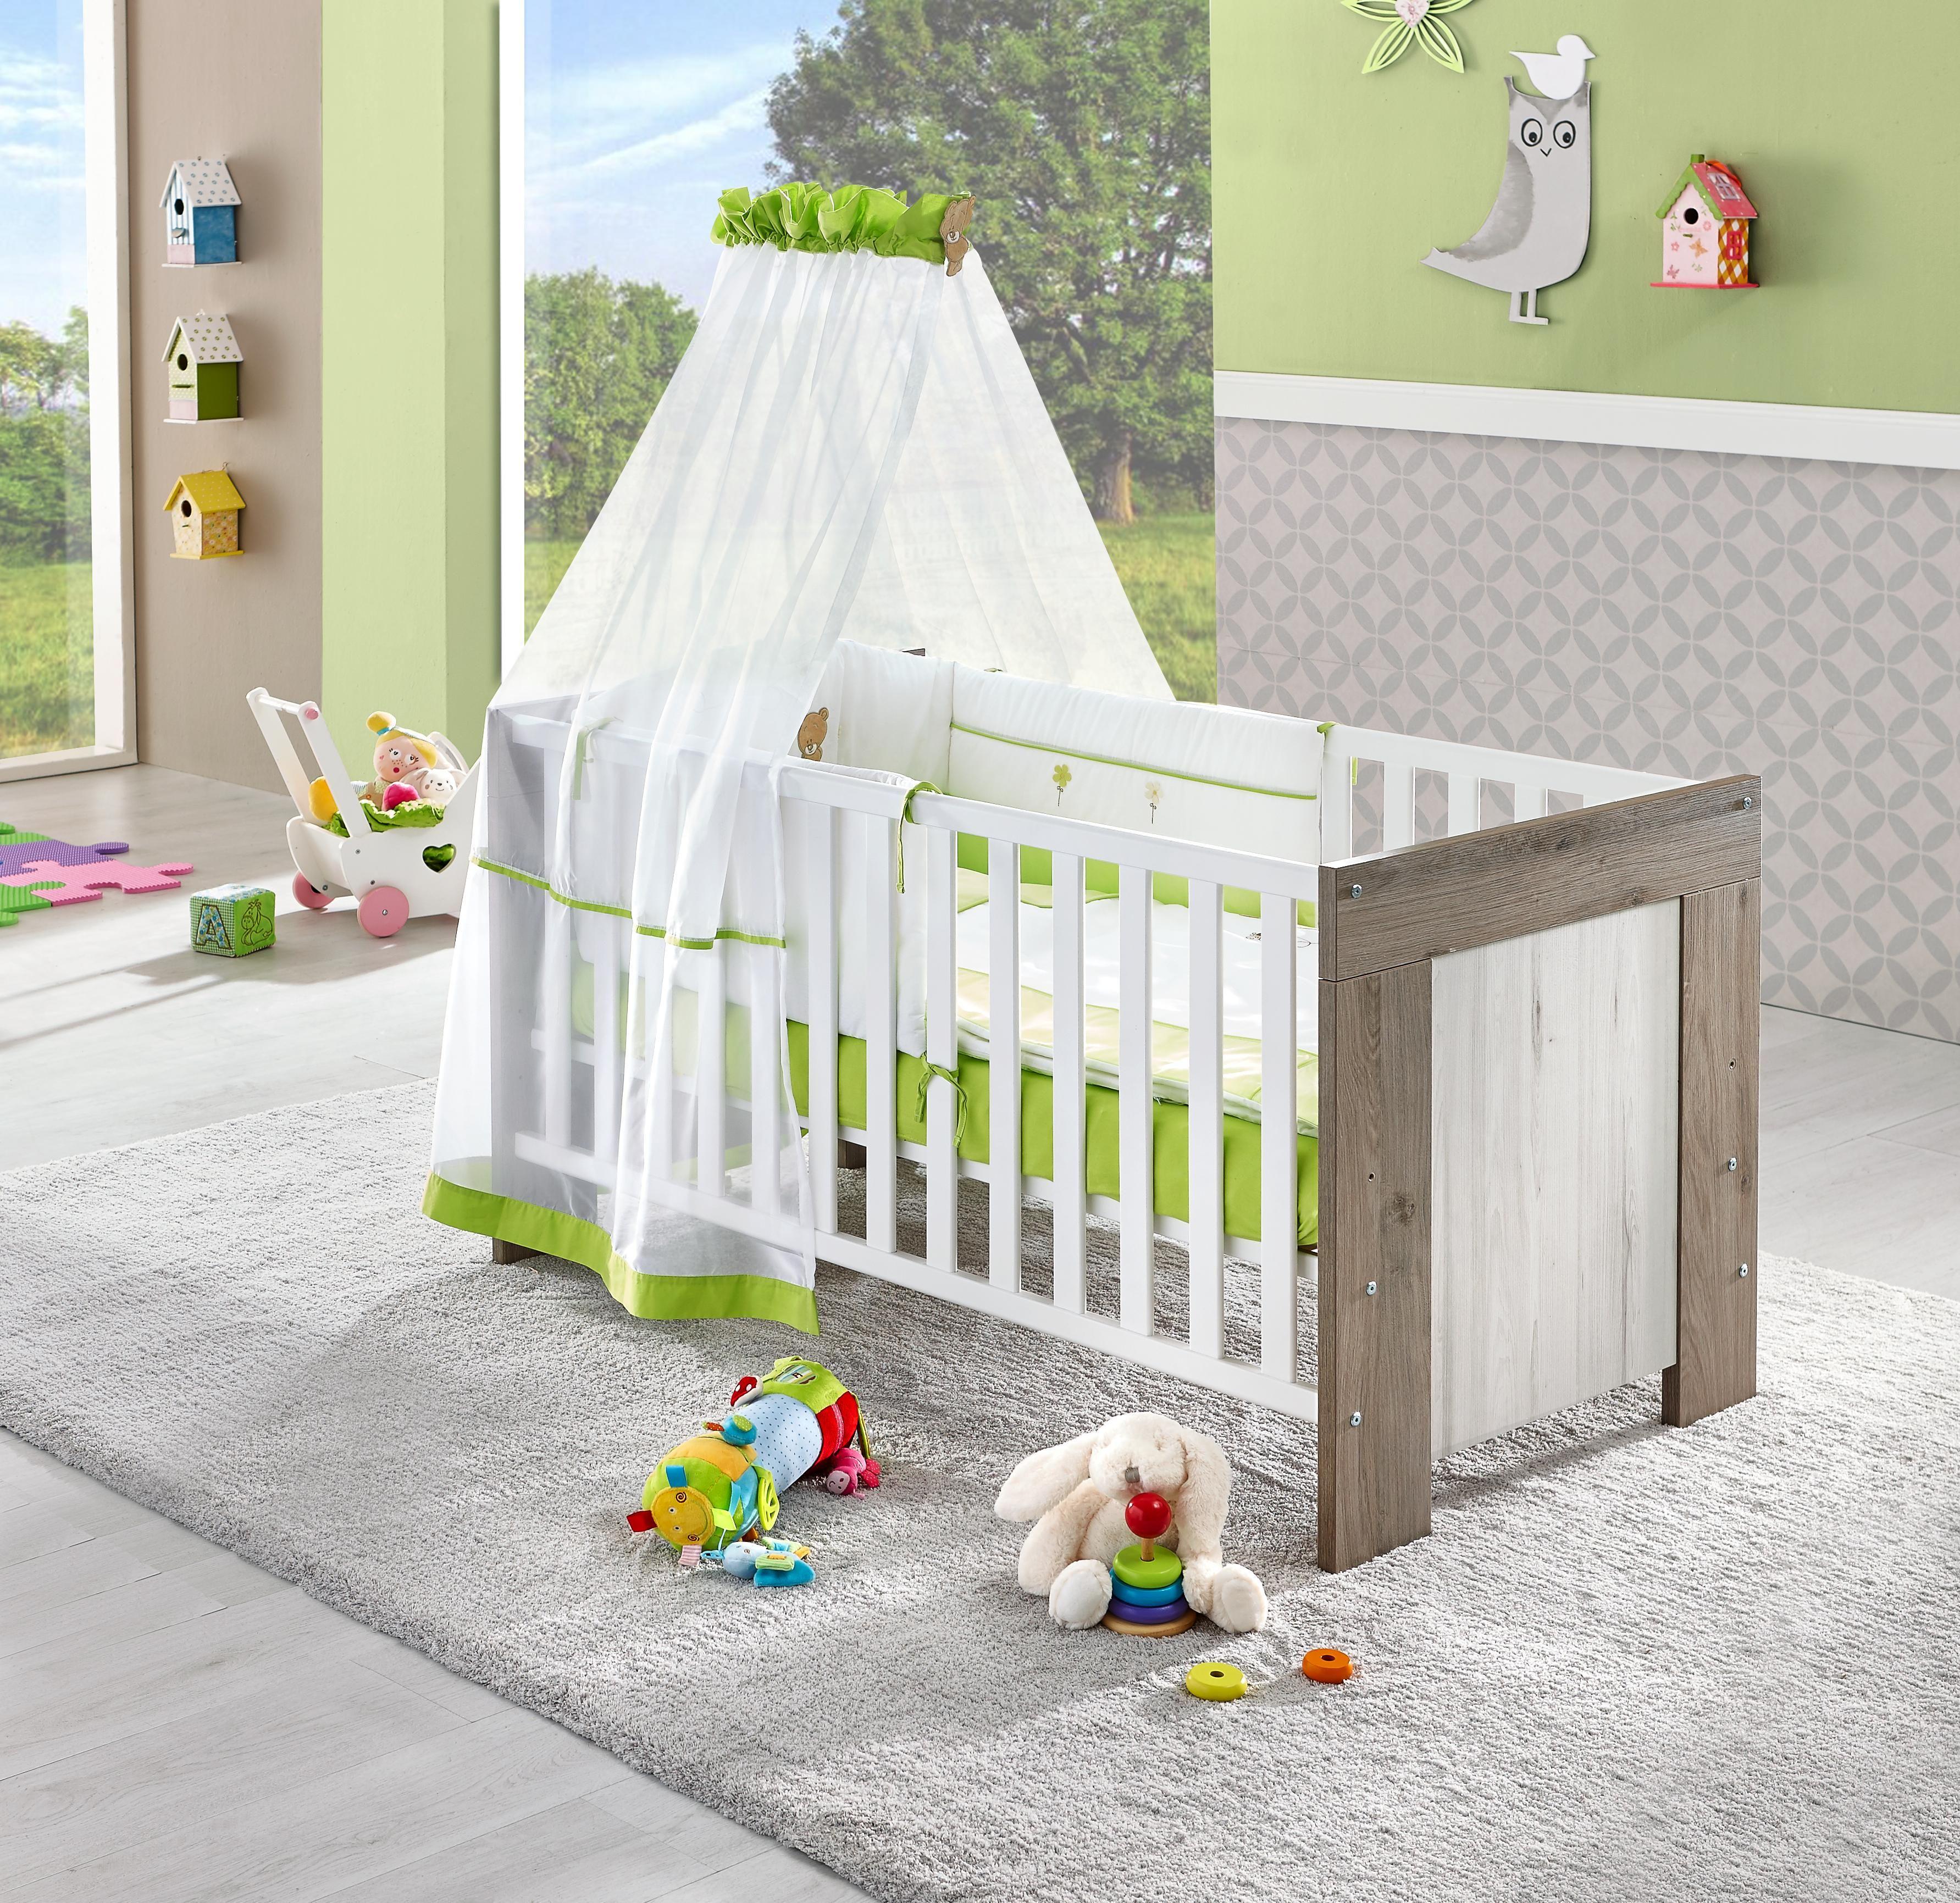 Dieses Gitterbett Ist Der Hit Im Babyzimmer Hier Schlaft Euer Nachwuchs Seelenruhig Und Traumt Von Seinem Guten Freund Toni Baby Mobel Babyzimmer Kinderzimmer